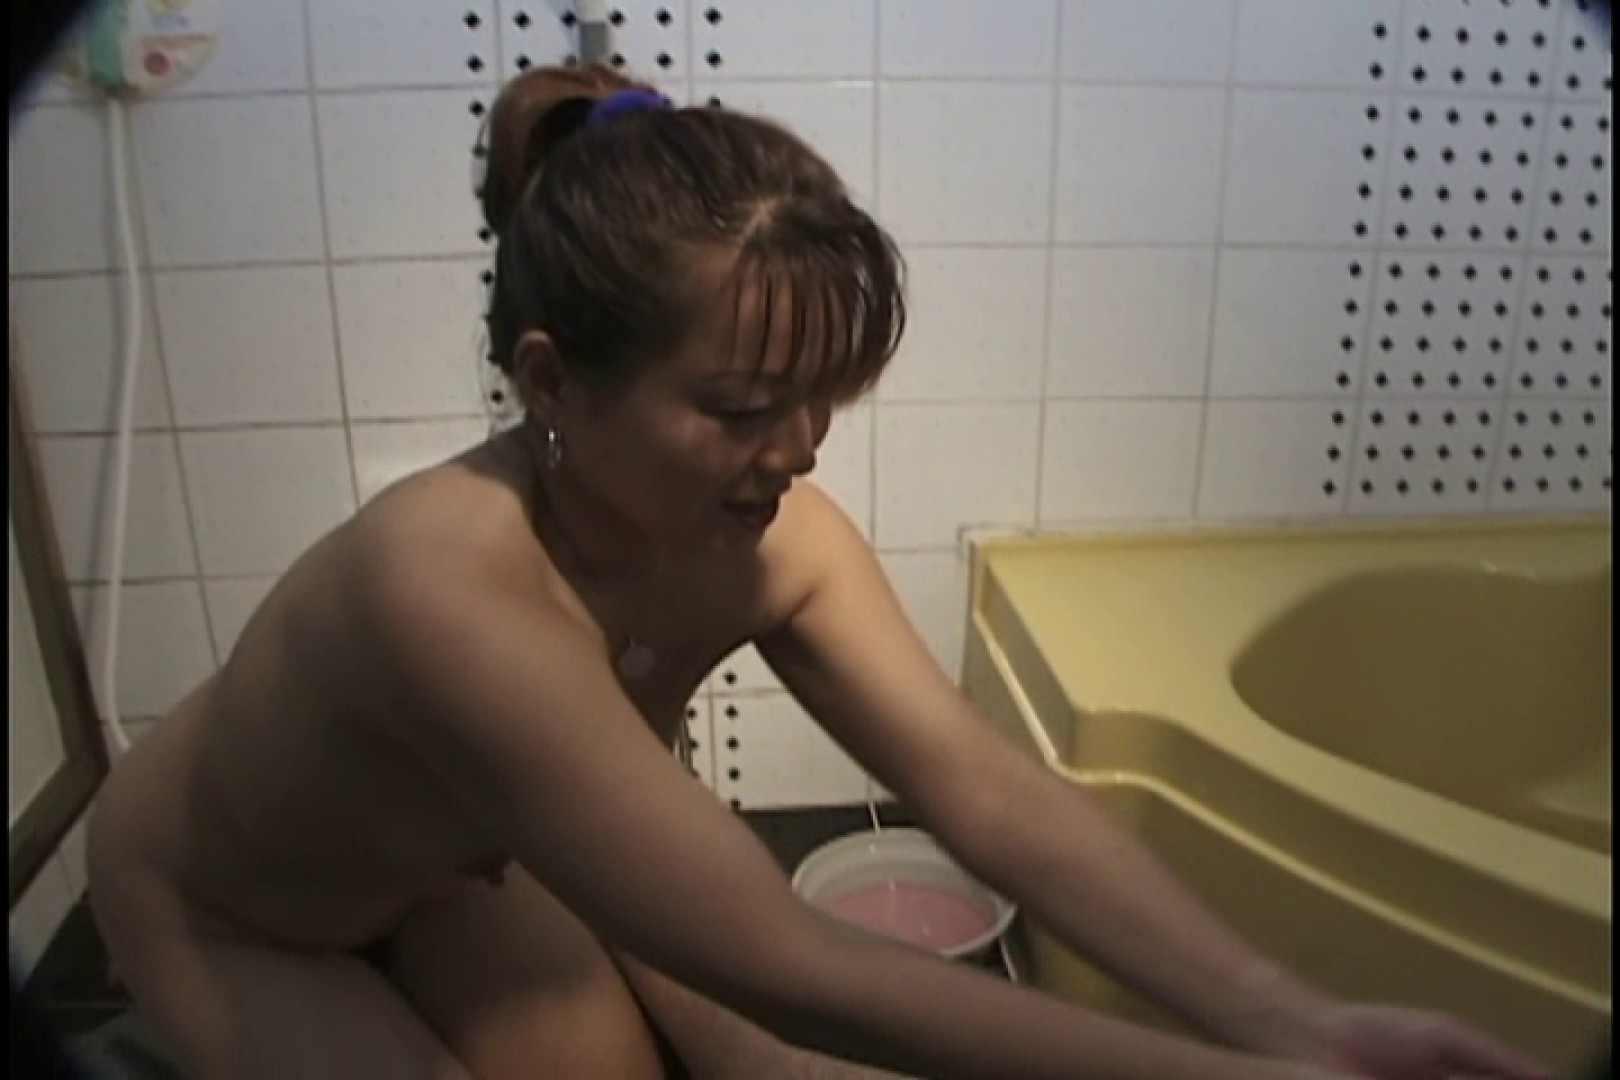 昼間の奥様は欲求不満 ~柴田清美~ エッチすぎる人妻  87連発 66